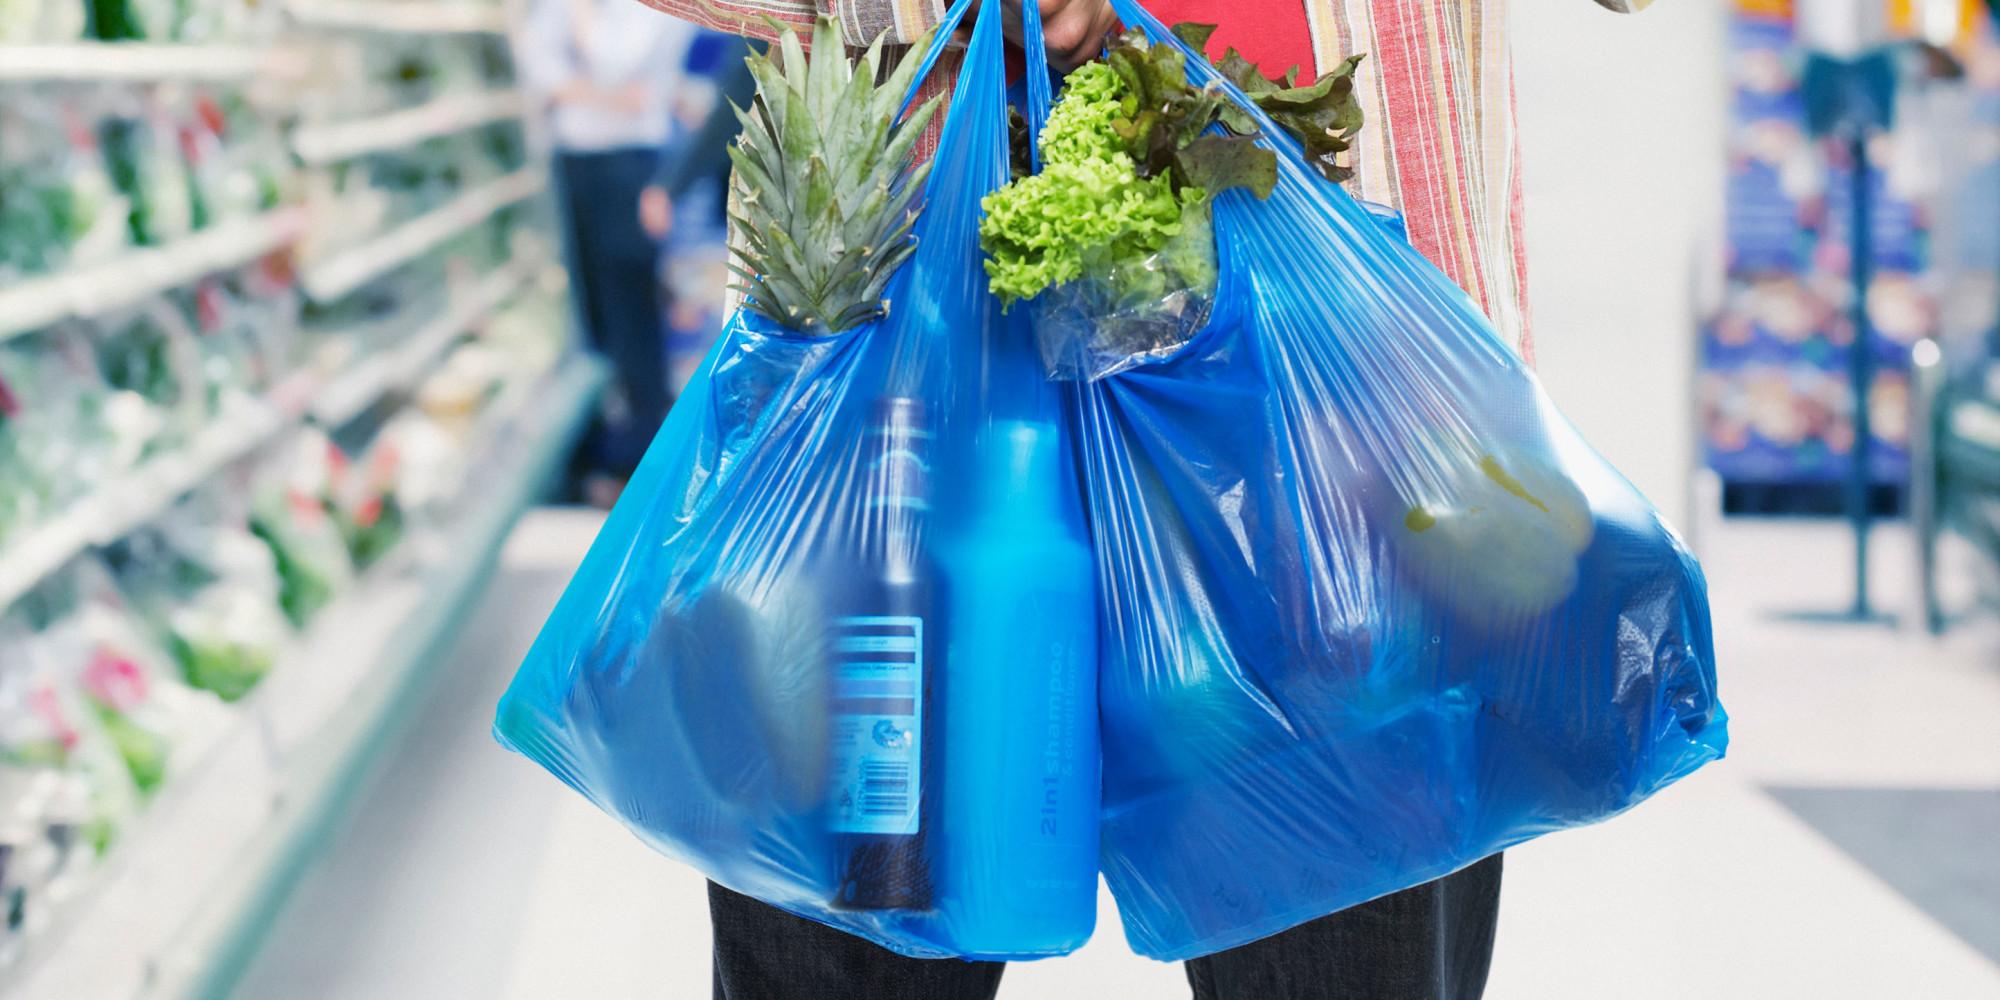 В Україні зменшать кількість пластикових пакетів у магазинах